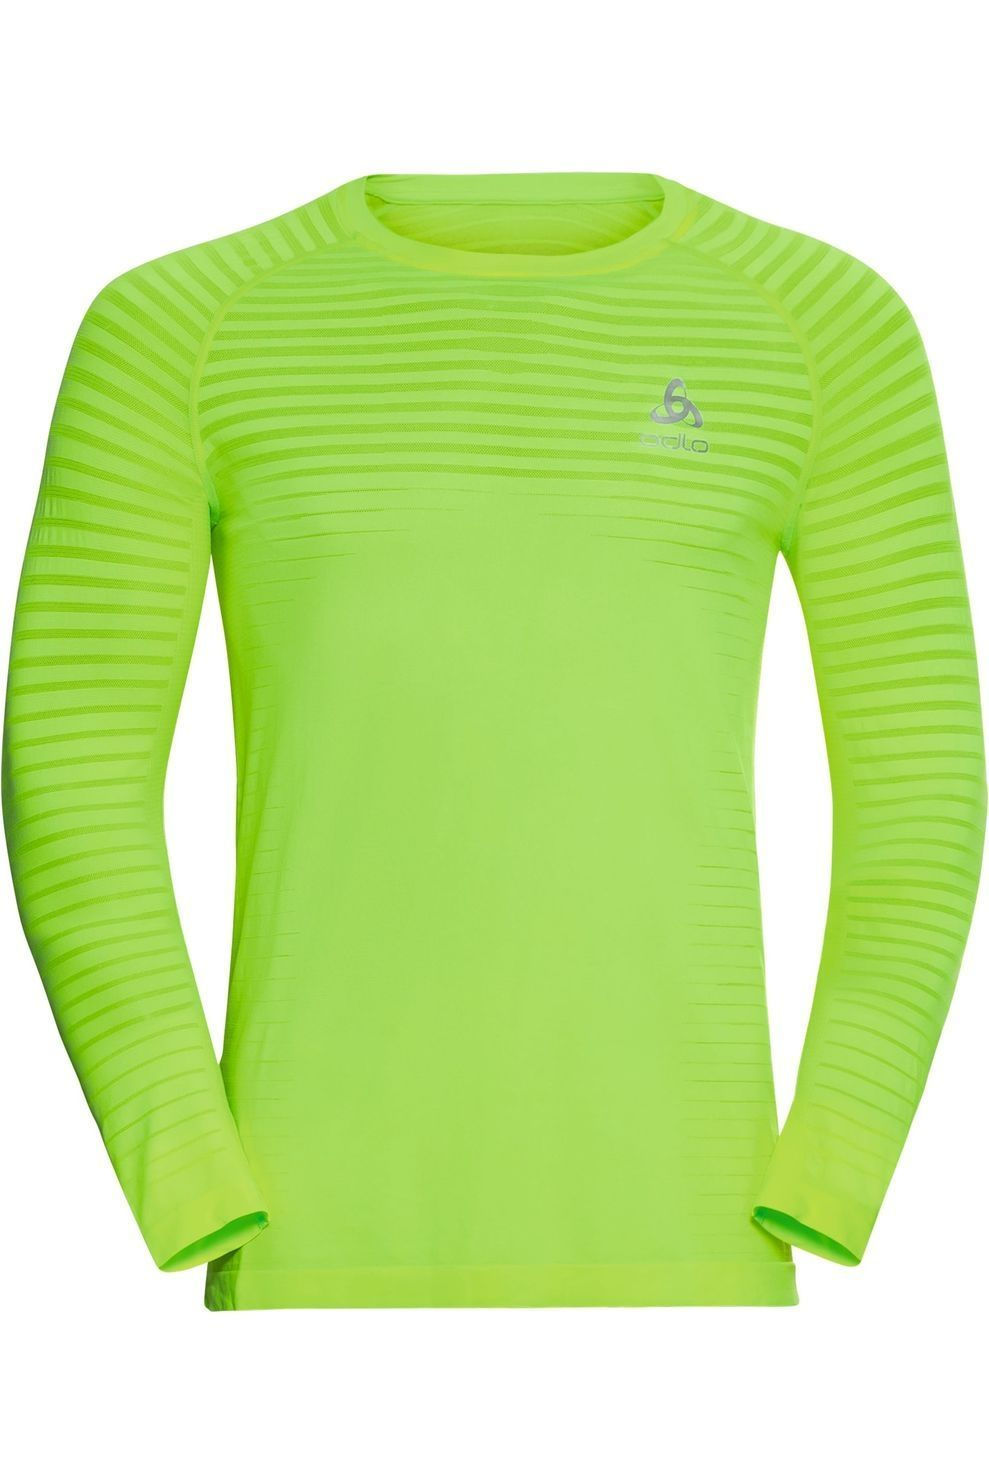 Odlo T-Shirt Essential Seamless voor heren - Limoen Groen/Mengeling - Maten: S, M, L, XL, XXL